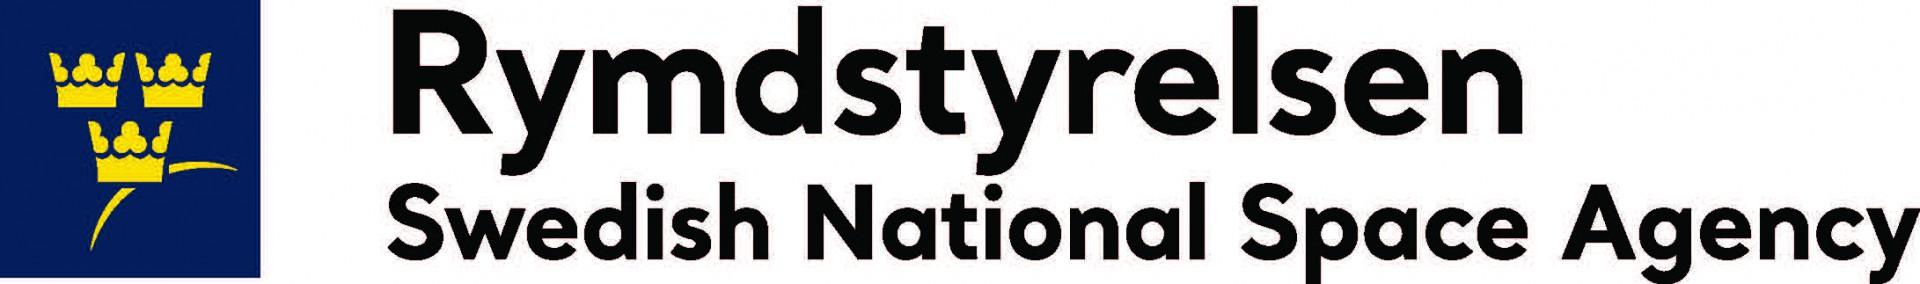 SNSA logo.ai.jpg